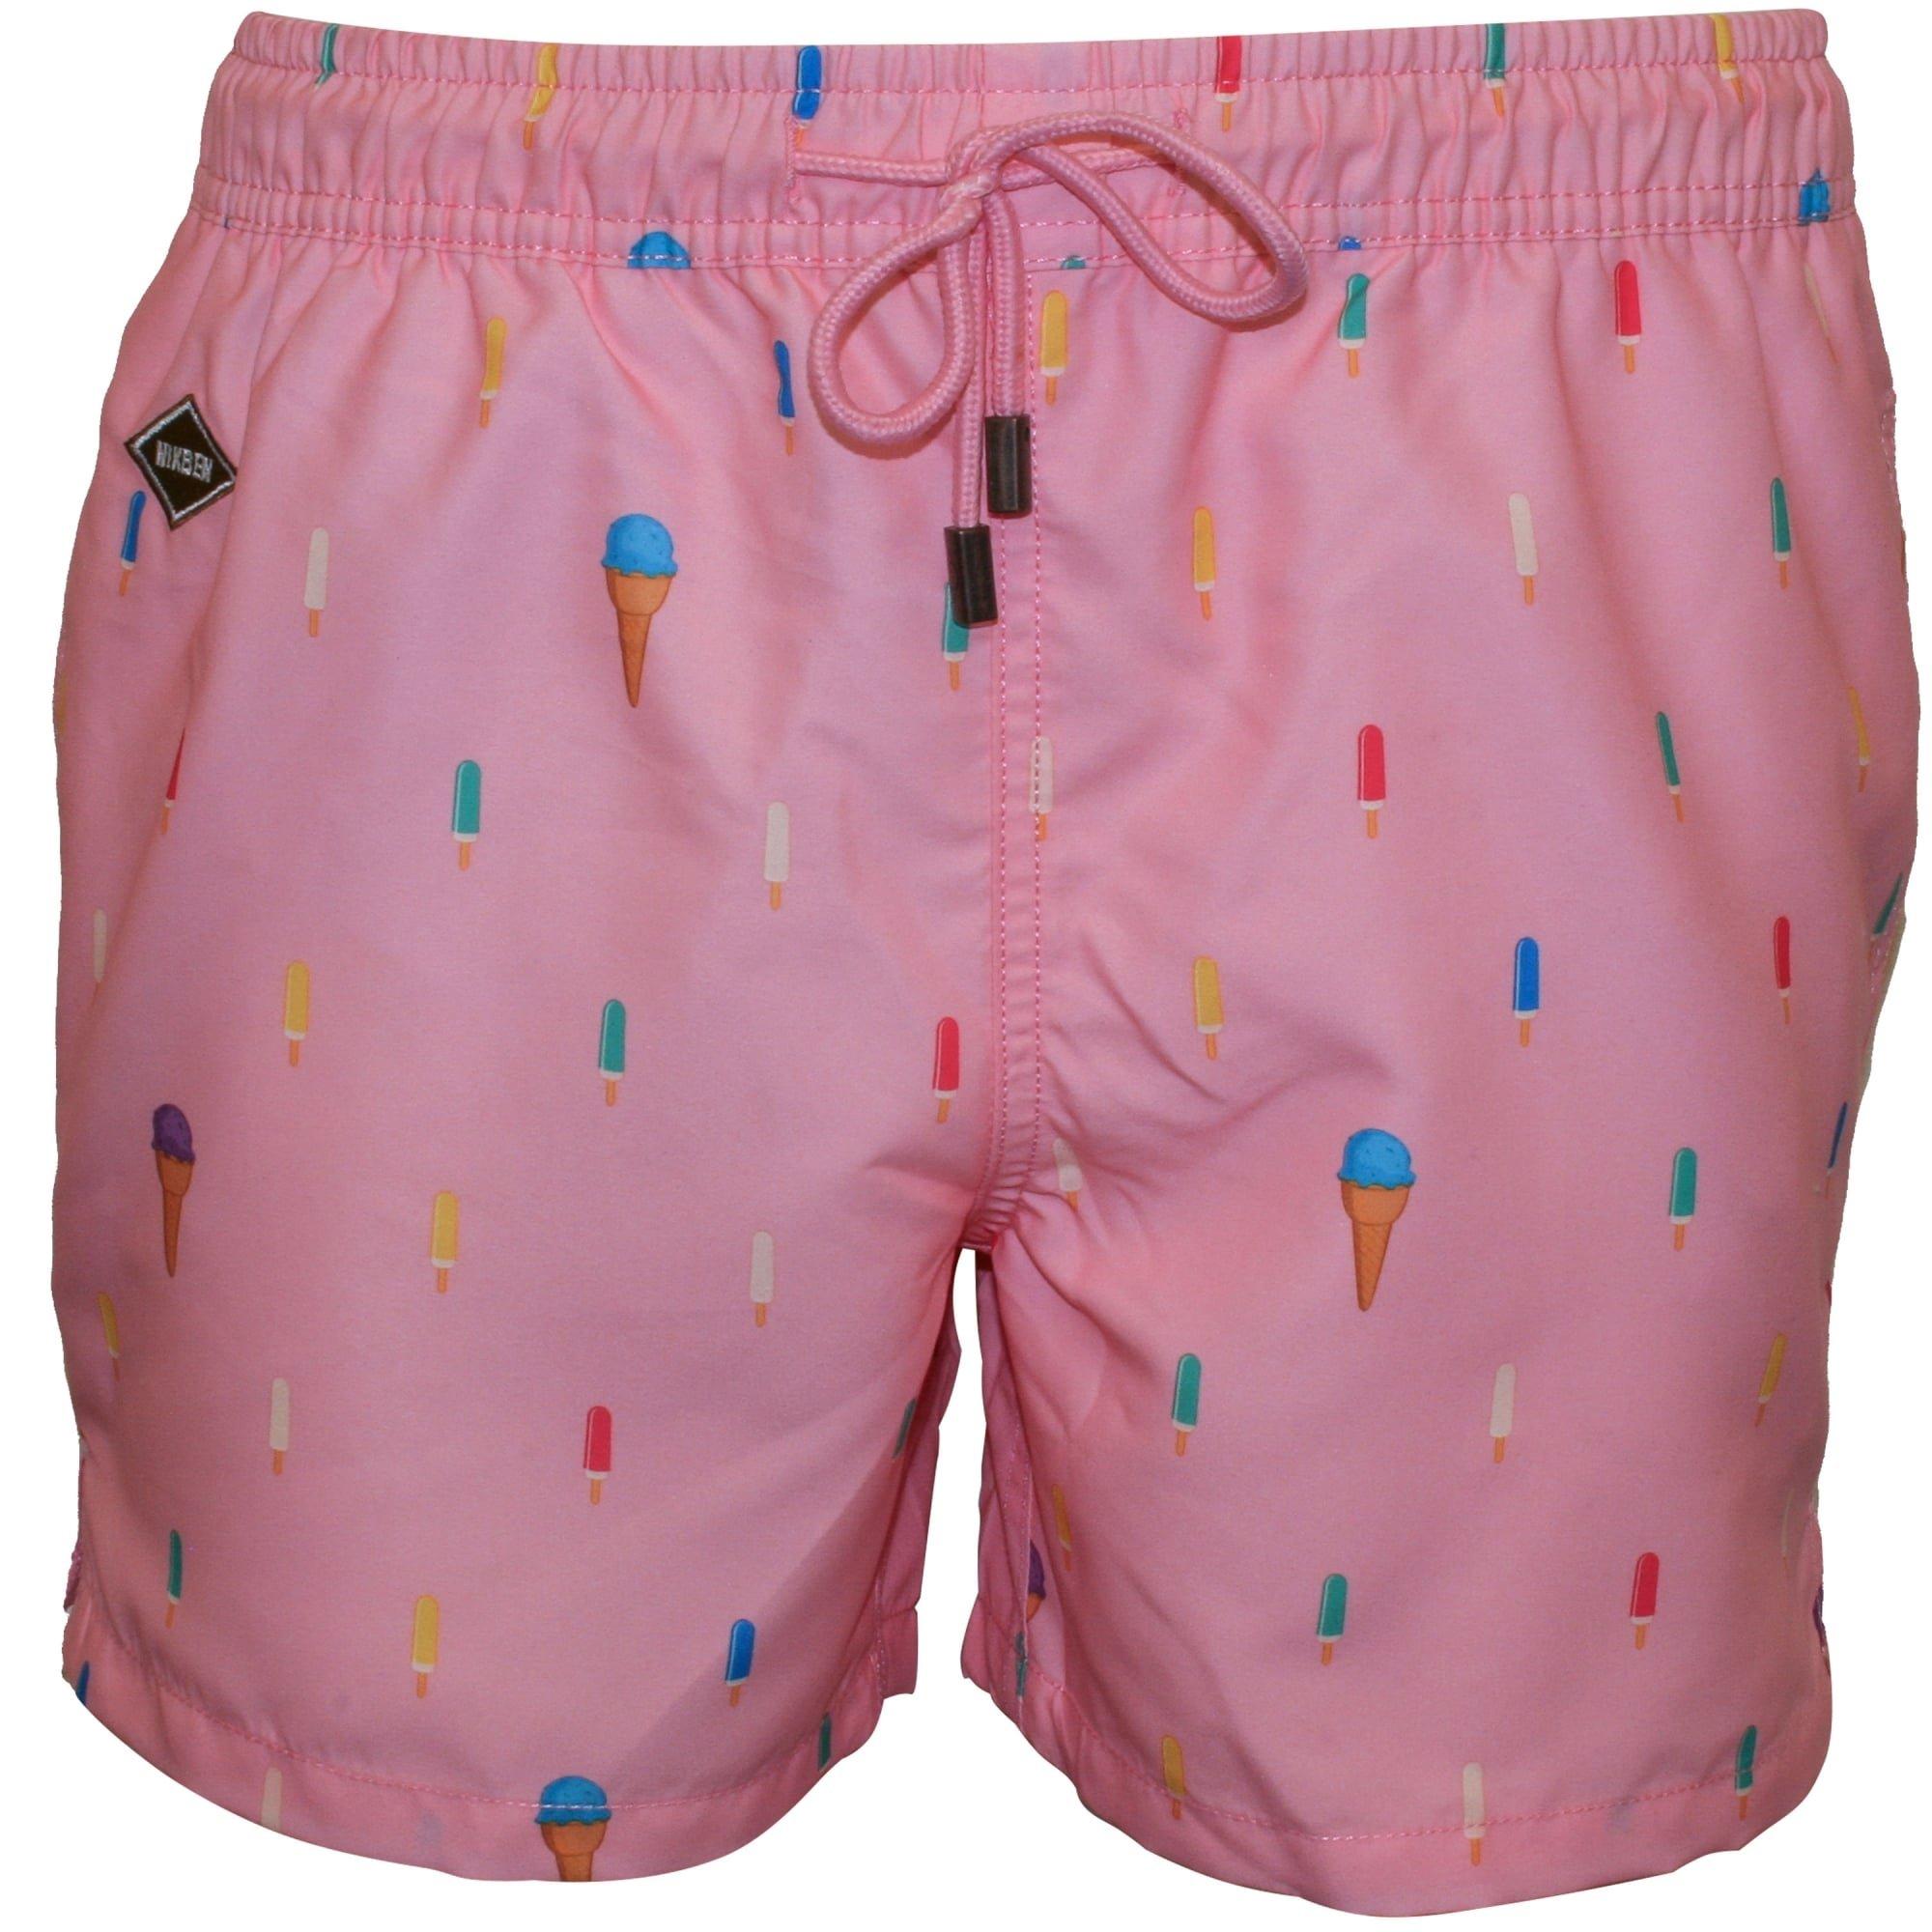 Nikben Popsicle Men's Swim Shorts, Soft Pink Large Soft Pink